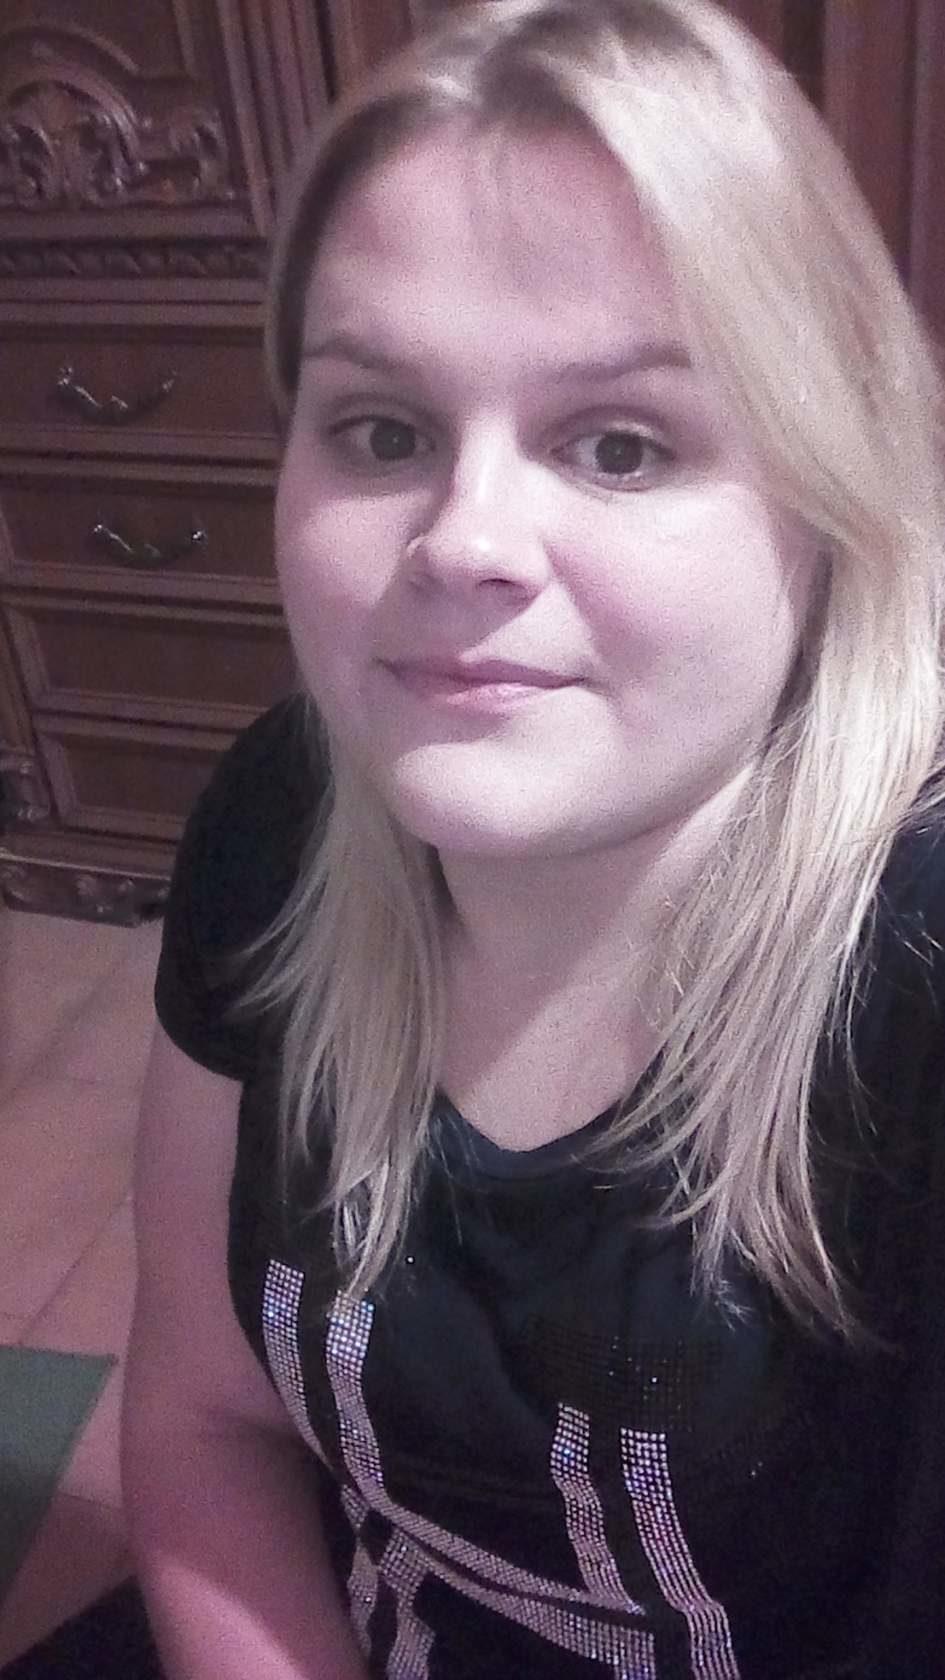 vreau sa fac cunostinta cu o fata de viata)